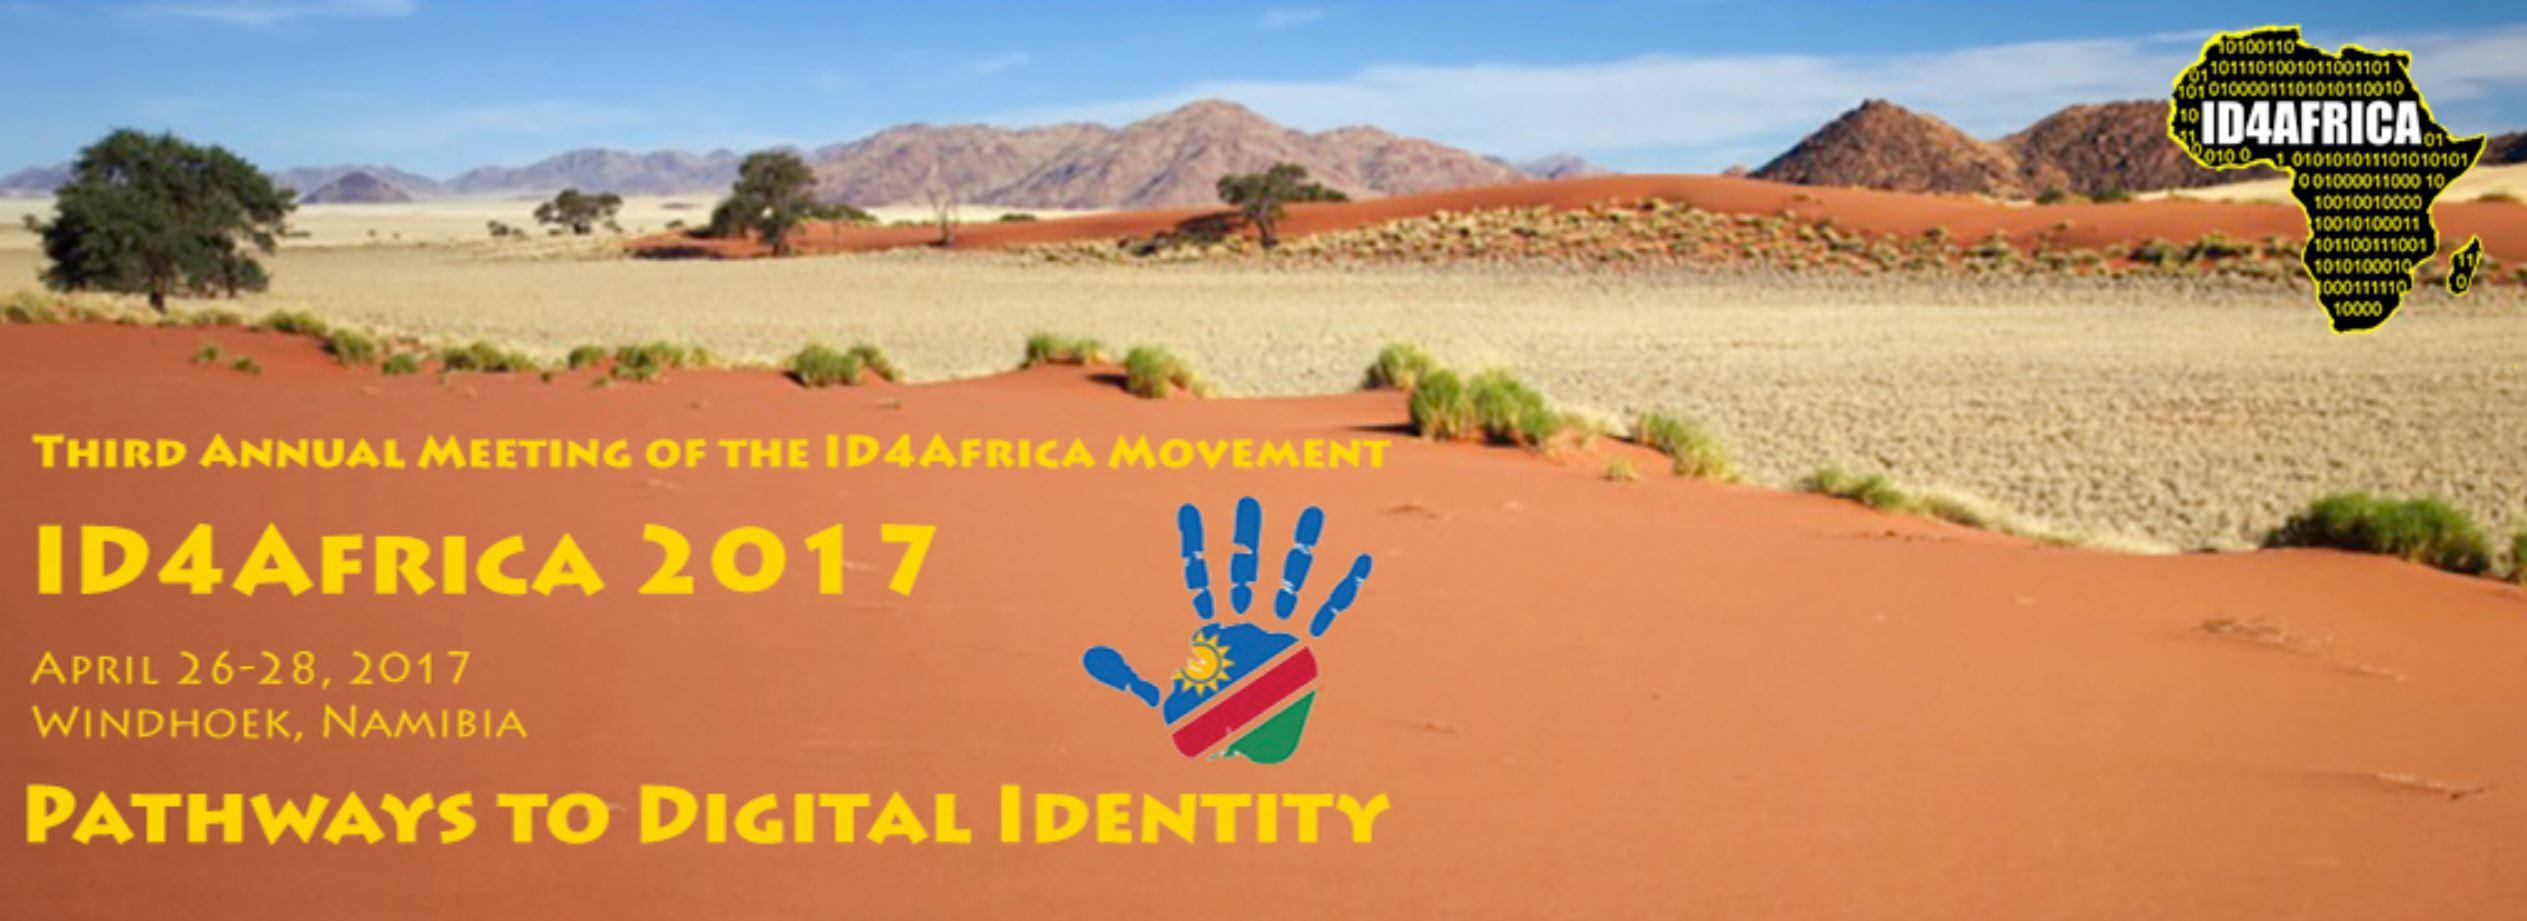 Points de repère pour l'identité numérique en Afrique